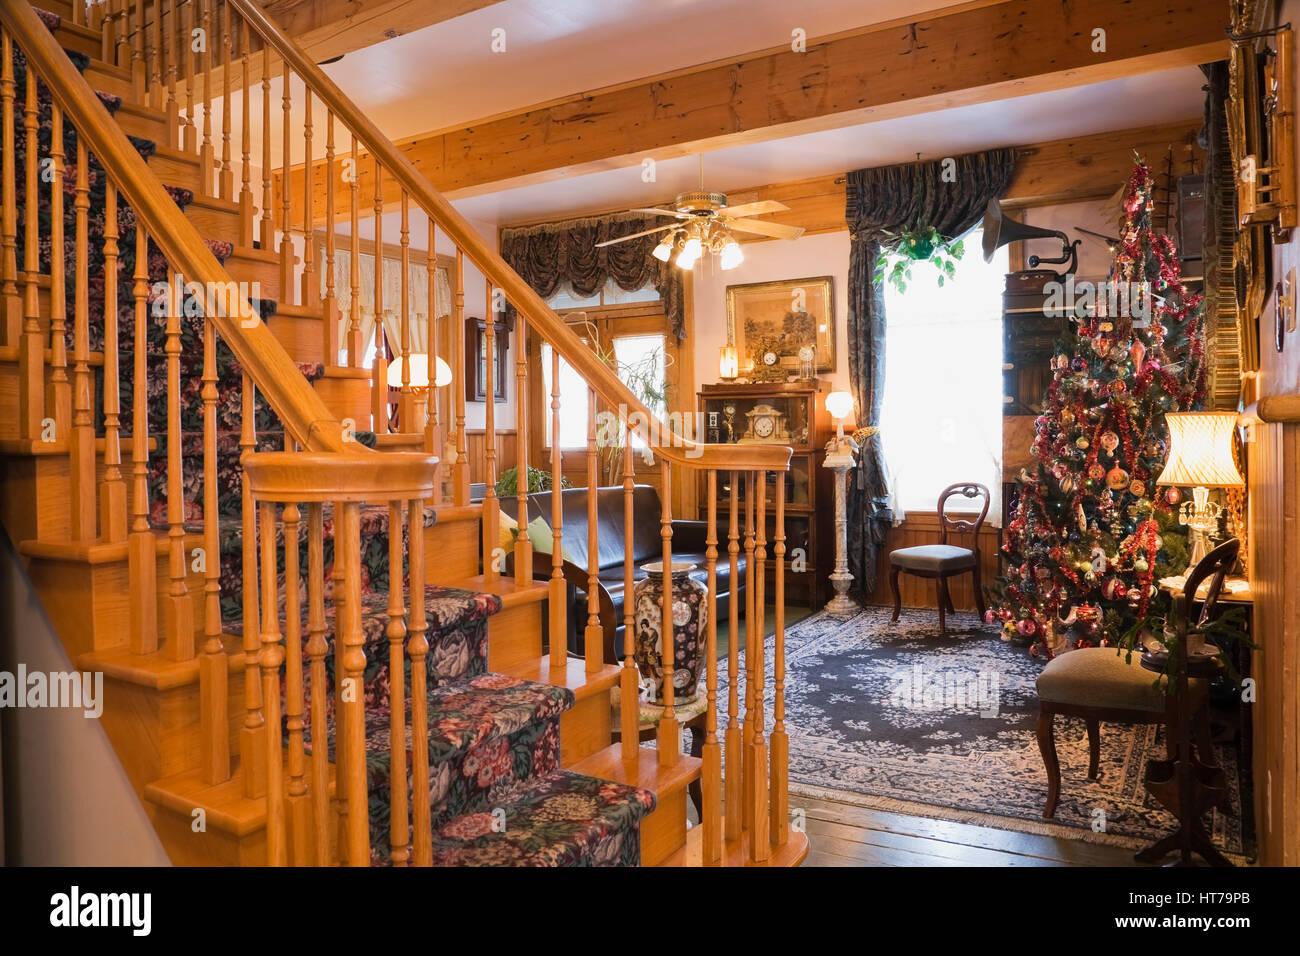 Attraktiv Elegante Holztreppe Und Wohnzimmer Mit Weihnachtsbaum In Einem 1904 Altes  Haus Im Viktorianischen Stil Eingerichtet.